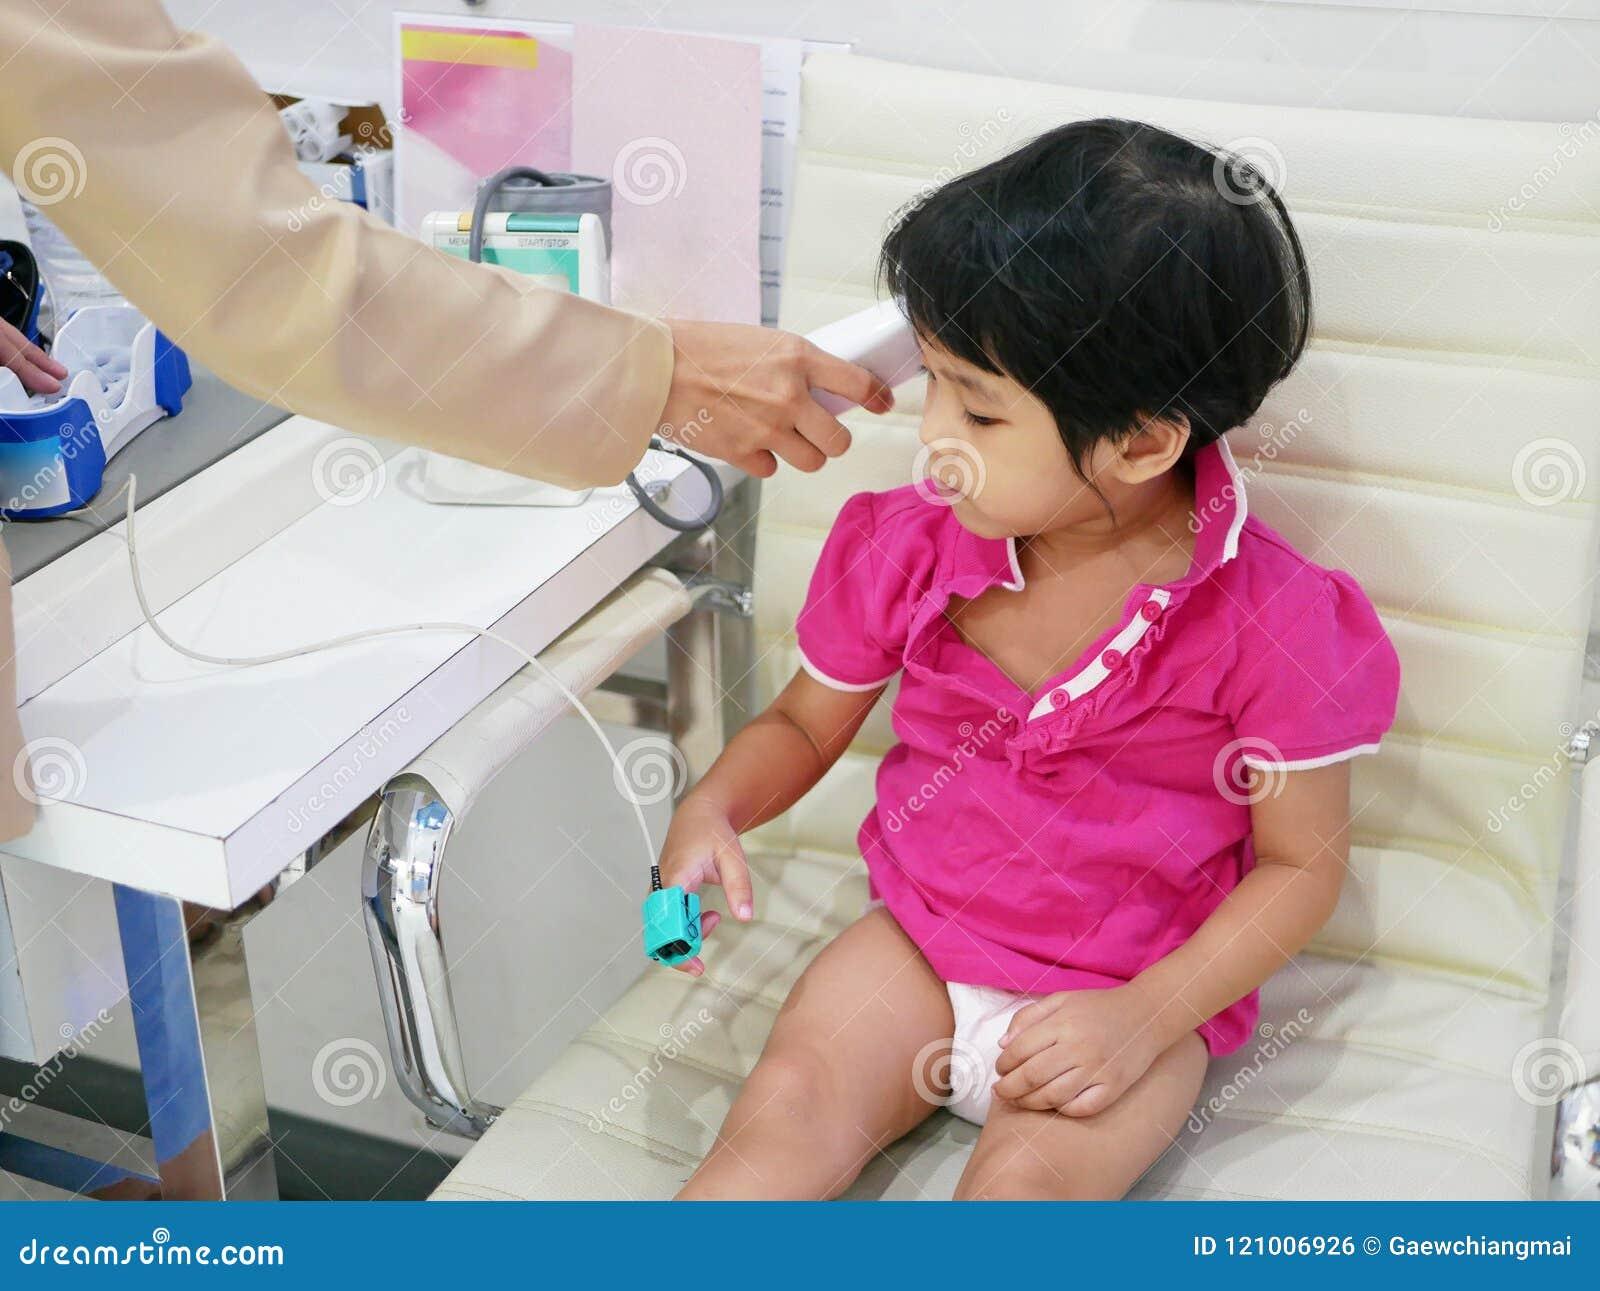 Ασιατικό κοριτσάκι που έχει το ποσό οξυγόνου στο αίμα, το ποσοστό καρδιών, και τη θερμοκρασία της που μετριέται, χρησιμοποιώντας